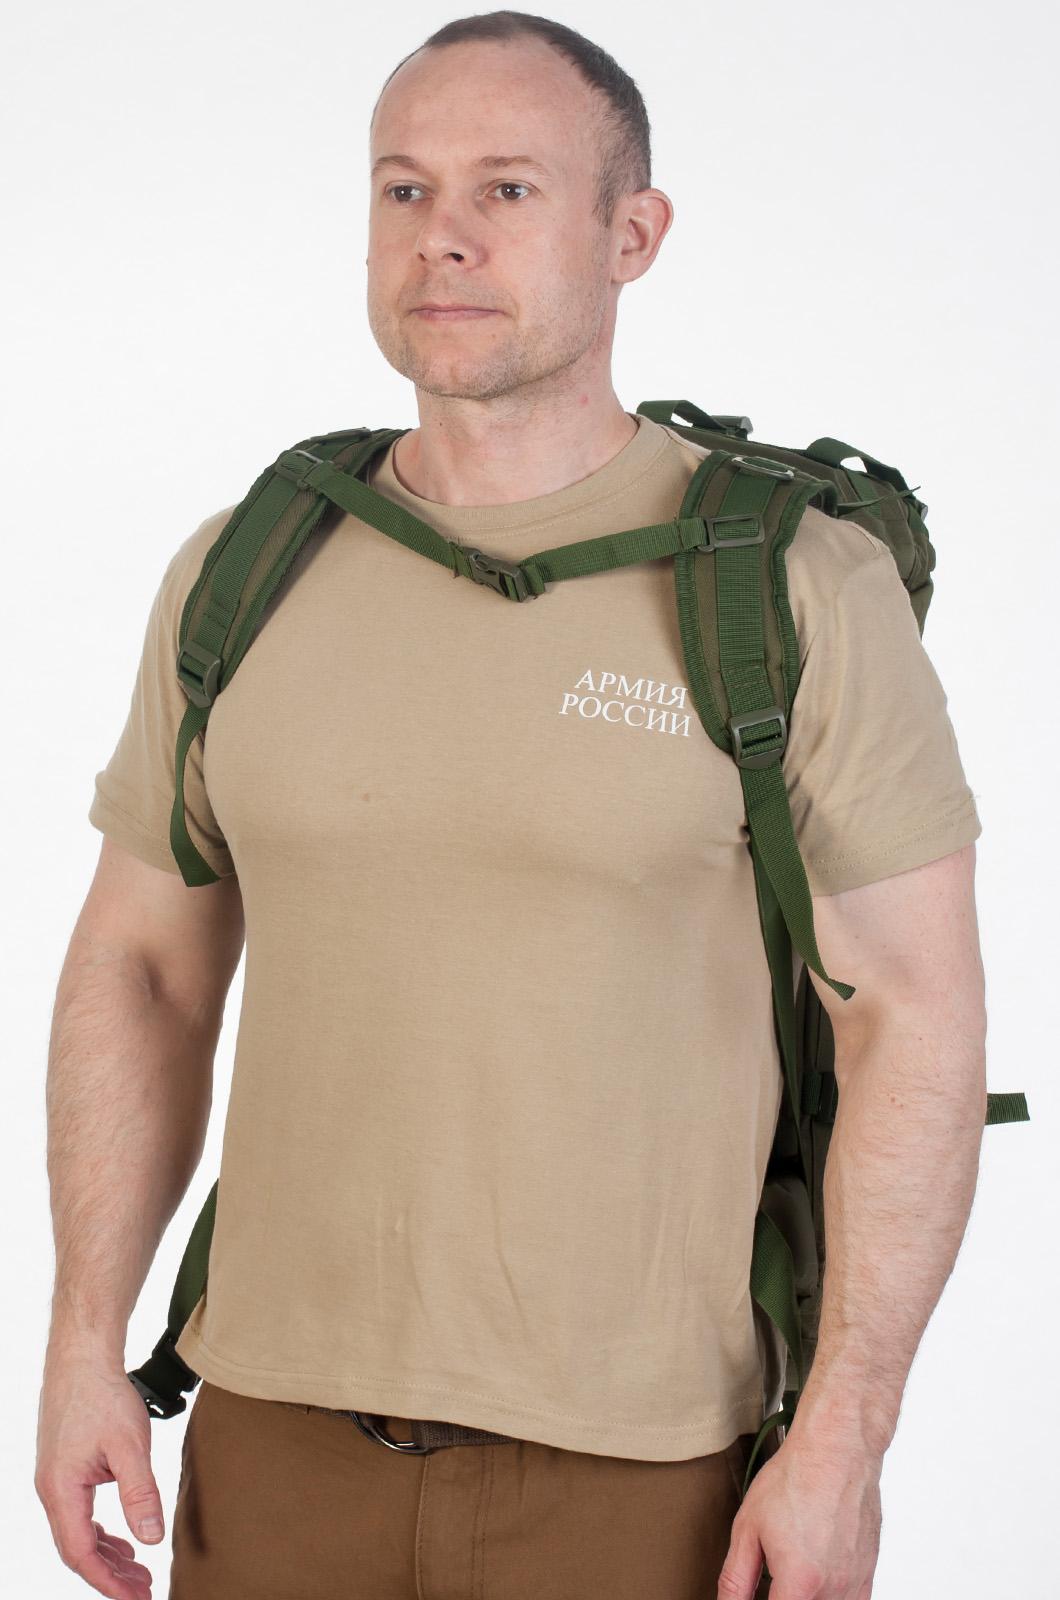 Армейский рейдовый рюкзак РВСН по выгодной цене